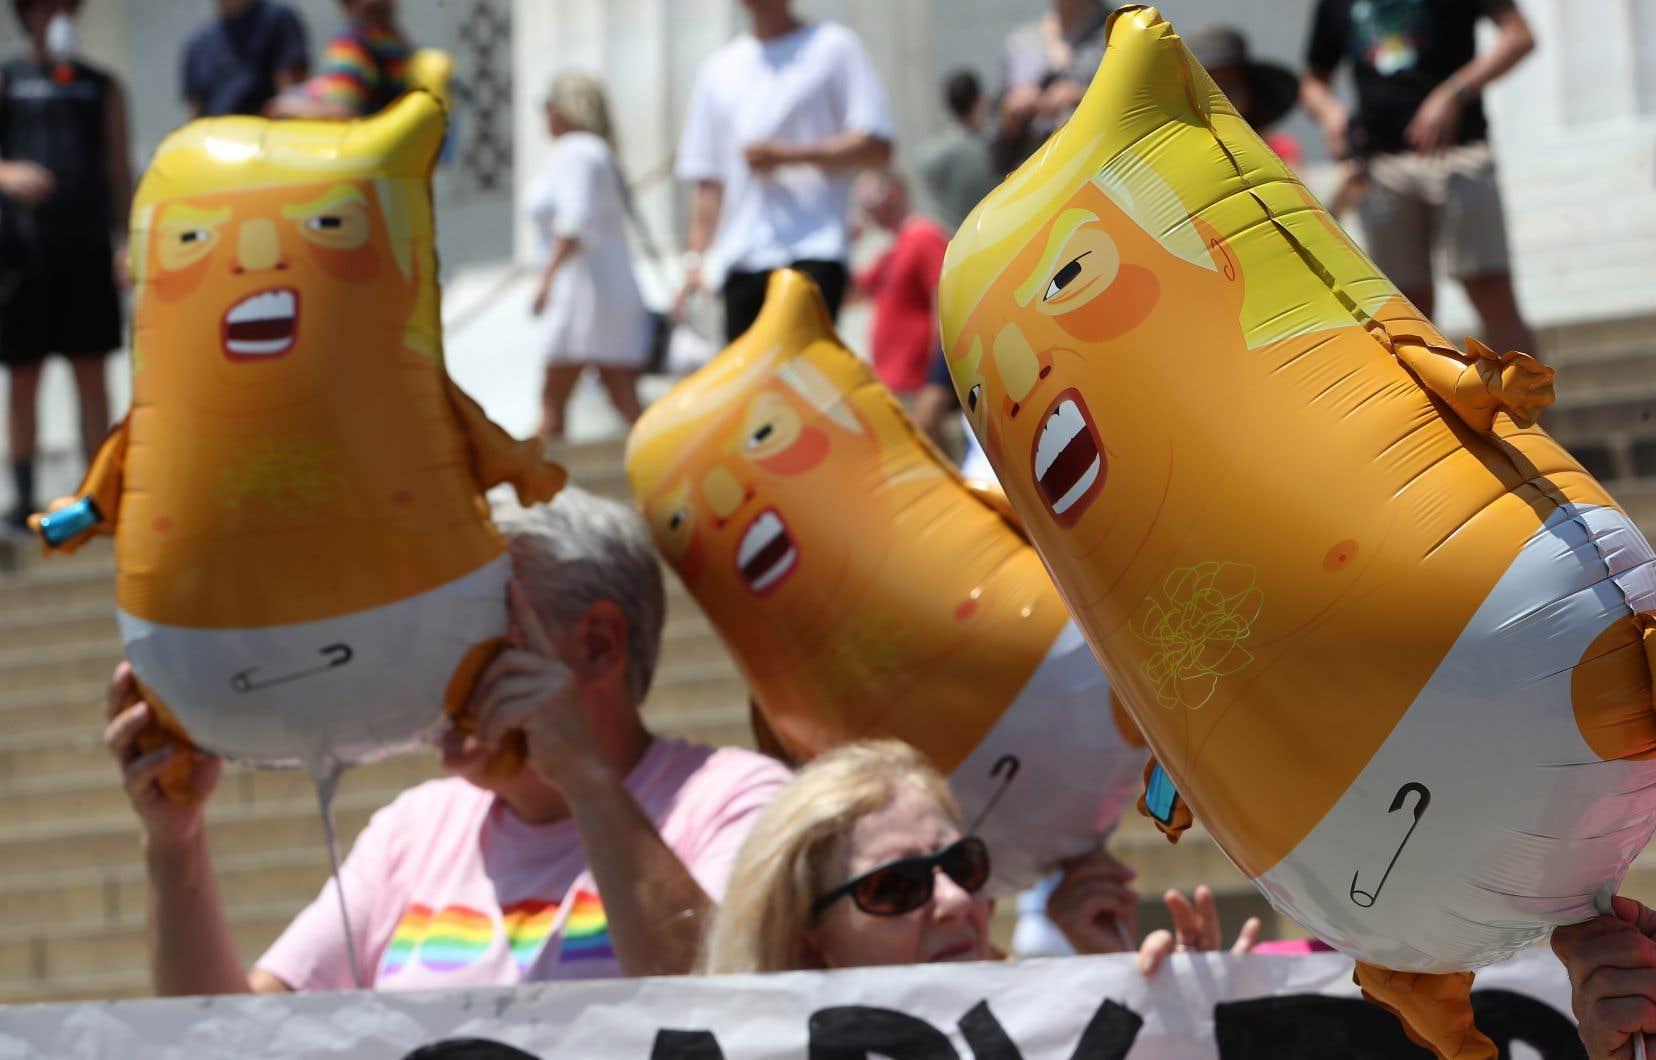 L'organisation de gauche Code Pink a prévu de manifester son opposition en déployant — au sol — de petits «Baby Trump», personnages gonflables représentant un bébé colérique à l'effigie du président américain.